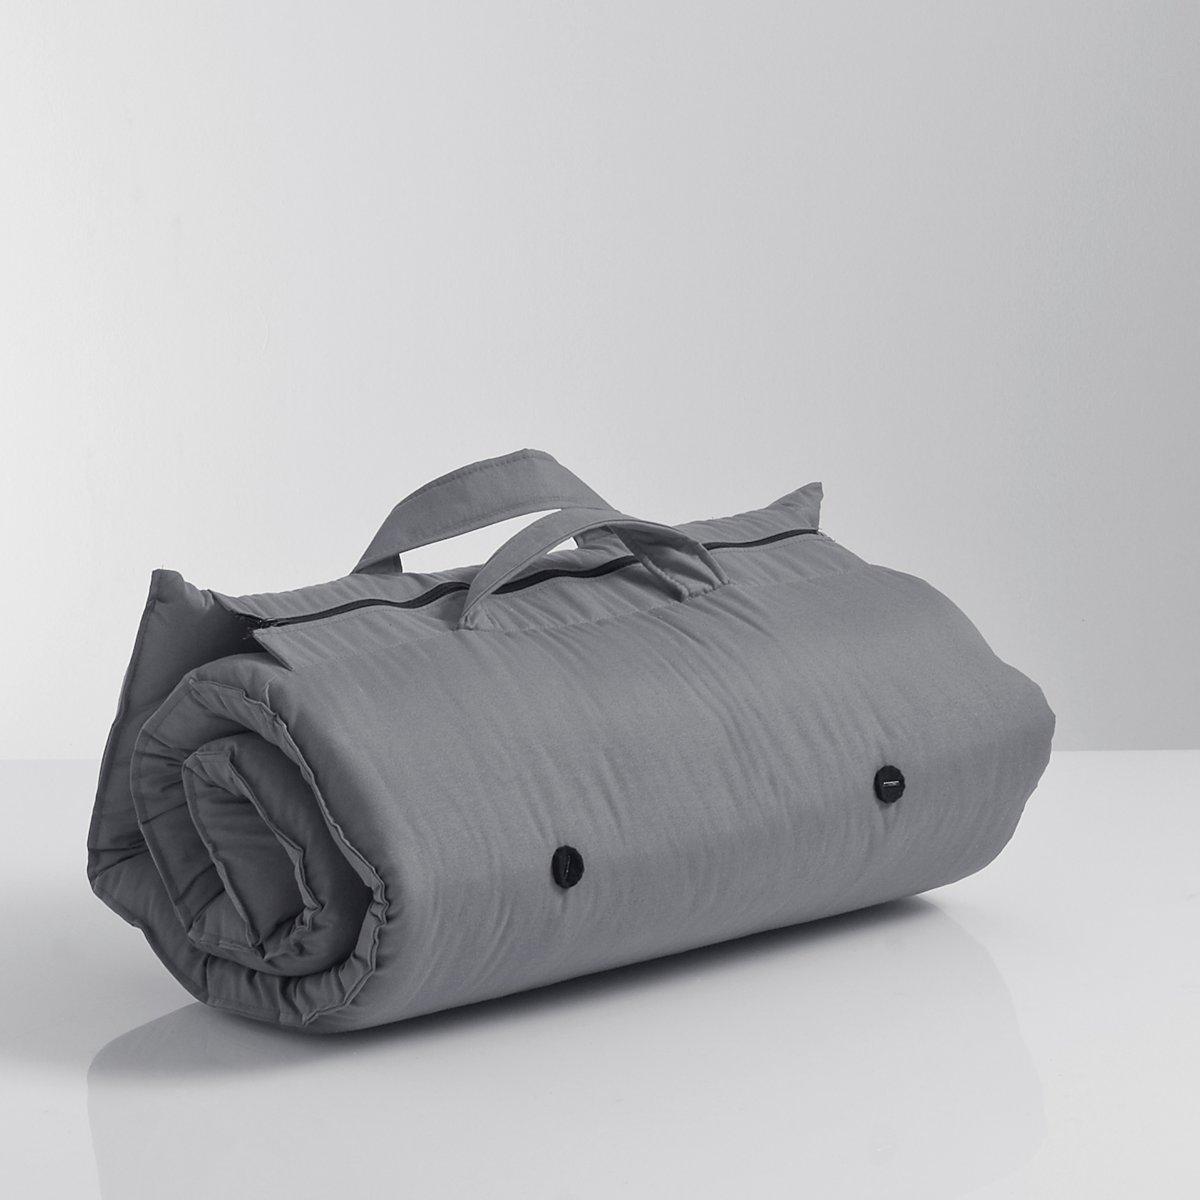 Матрас хлопчатобумажныйРазмеры :В развернутом виде : 70 x 190 см. Толщина 5 см. Покрытие:70% хлопок, 30%полиэстер, обработка TEFLON (от пятен).Комфортный матрас :Внутренний слой из  2слоев  ваты 80% хлопок (1300г/м?).Набивка-планки и фетр .<br><br>Цвет: антрацит,красный<br>Размер: 70 x 190 см.70 x 190 см